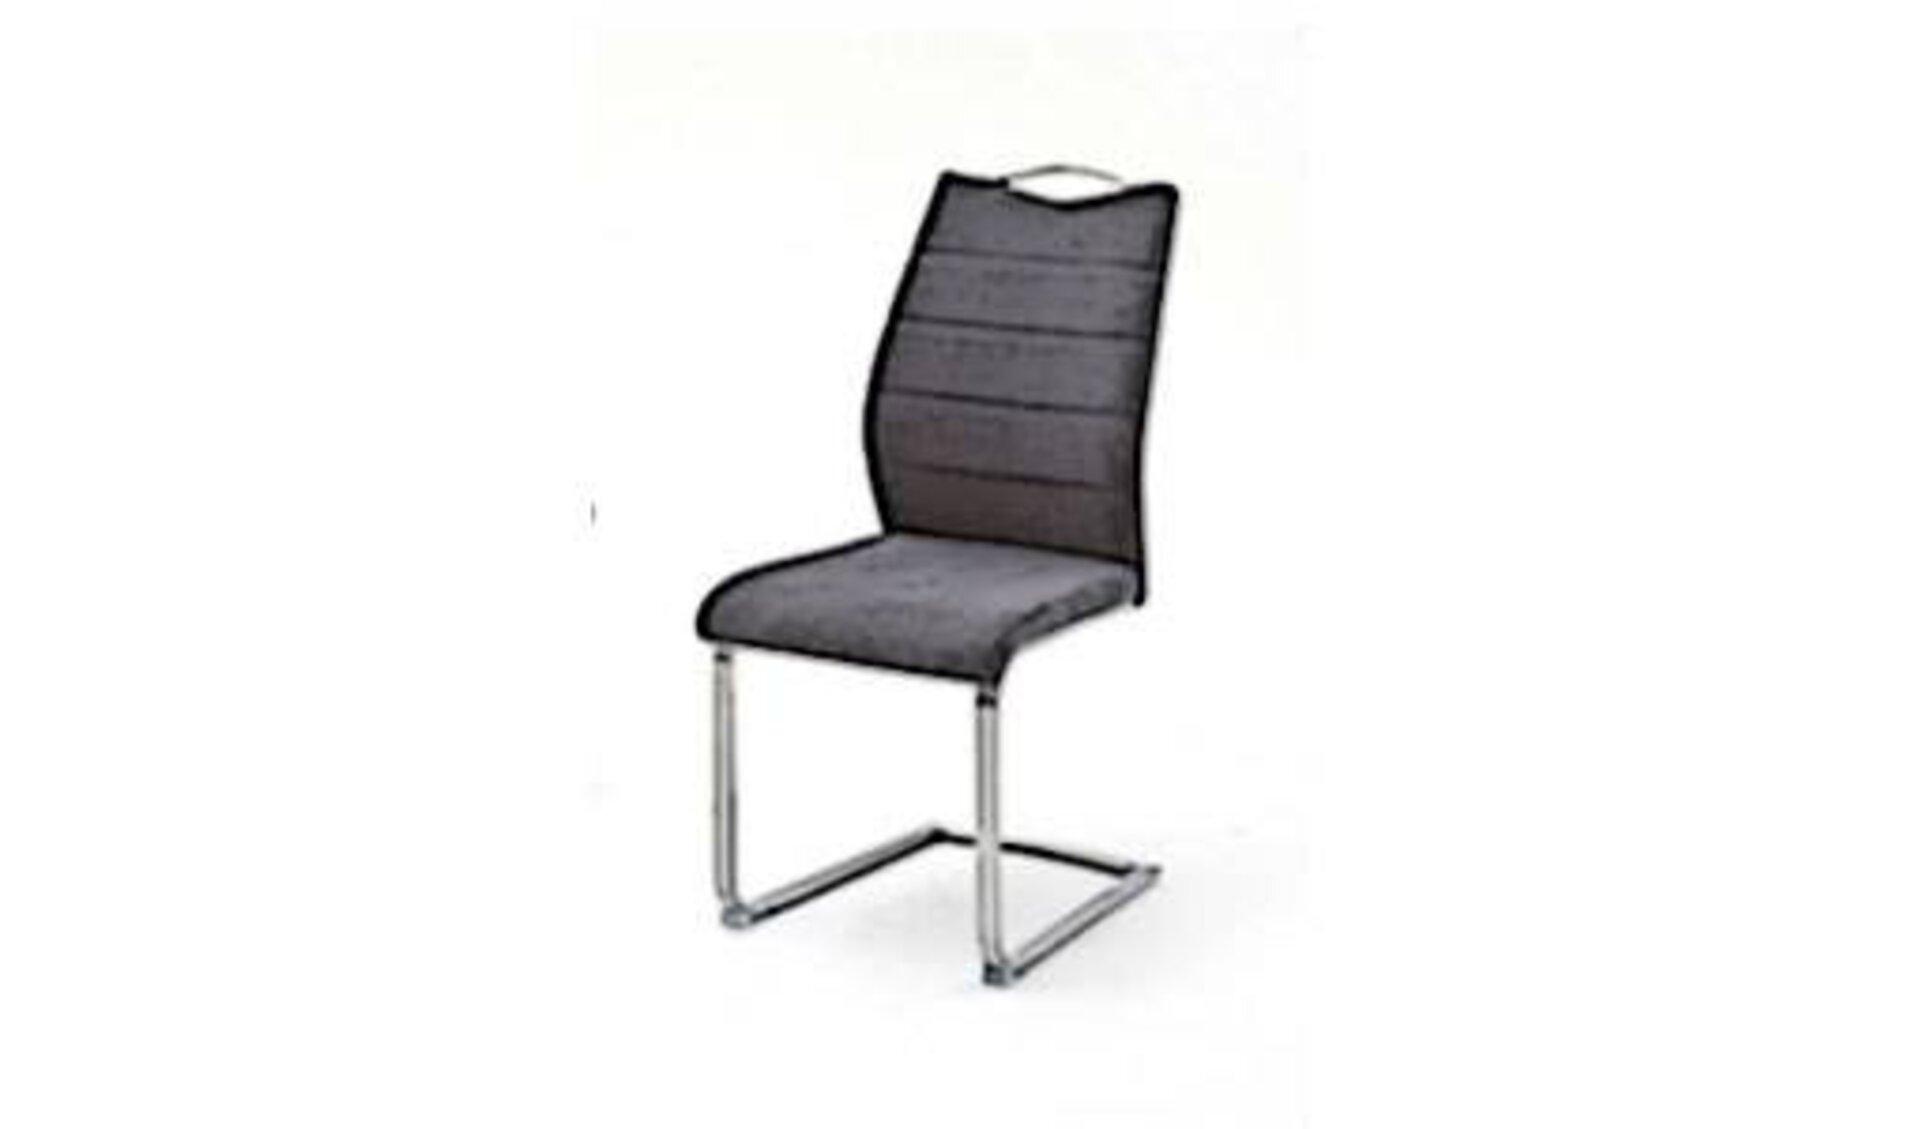 Esszimmerstuhl mit schwarzem Polster im Bereich der Sitzfläche und Rückenlehne und U-förmigen Metallfuß für stabilen Stand. Der abgebildete Esszimmerstuhl steht als Synonym für alle Stühle dieser Kategorie.